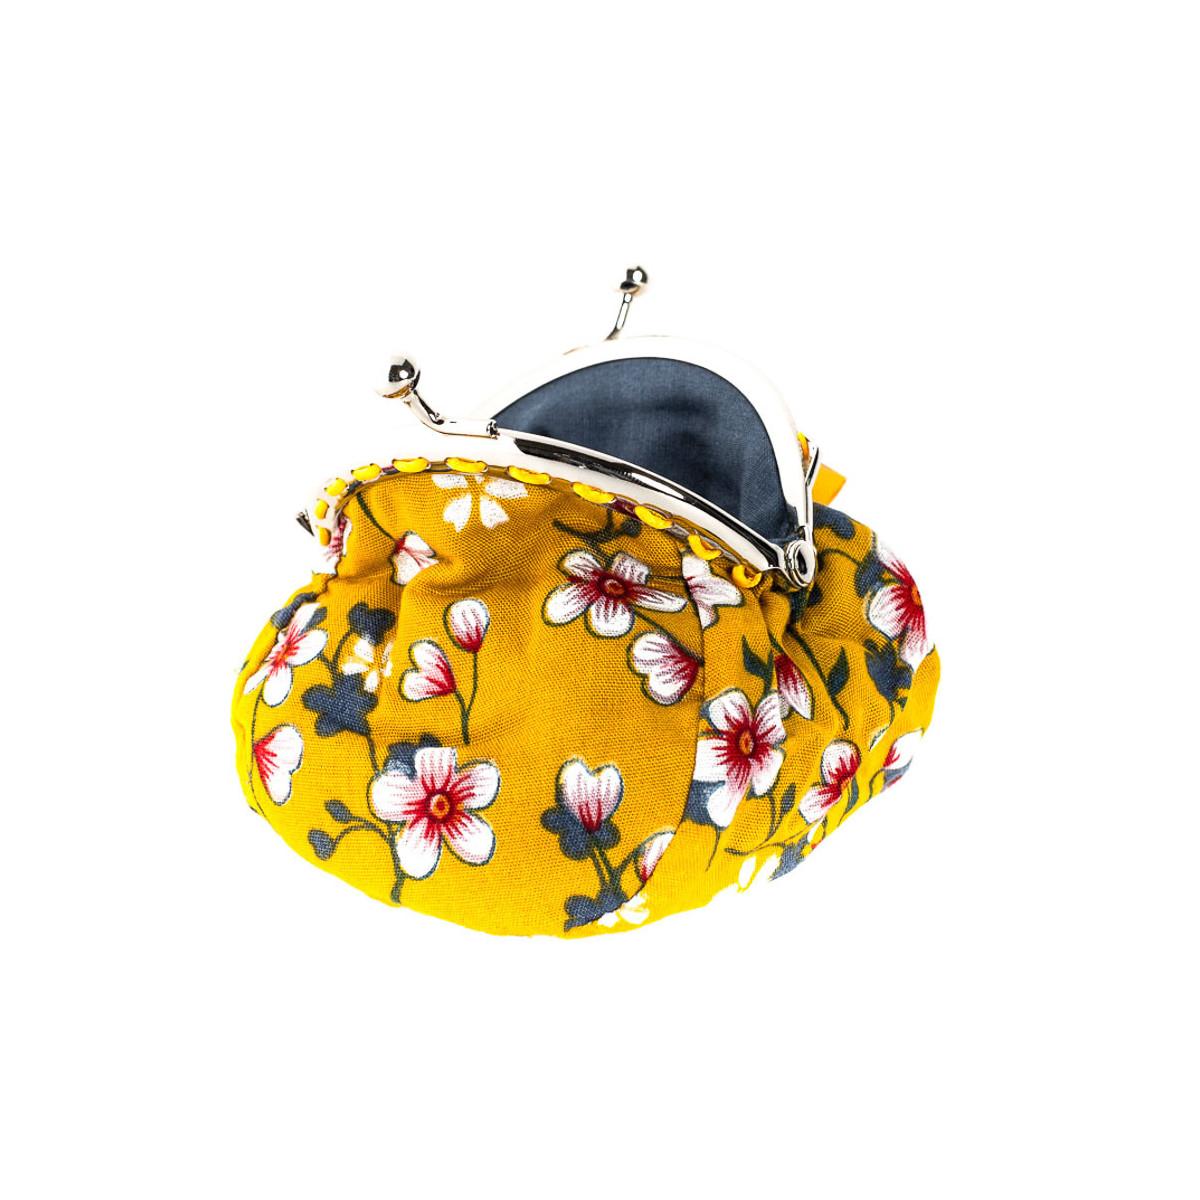 Petit porte-monnaie bourse à clip rétro jaune moutarde à fleurs cerisiers